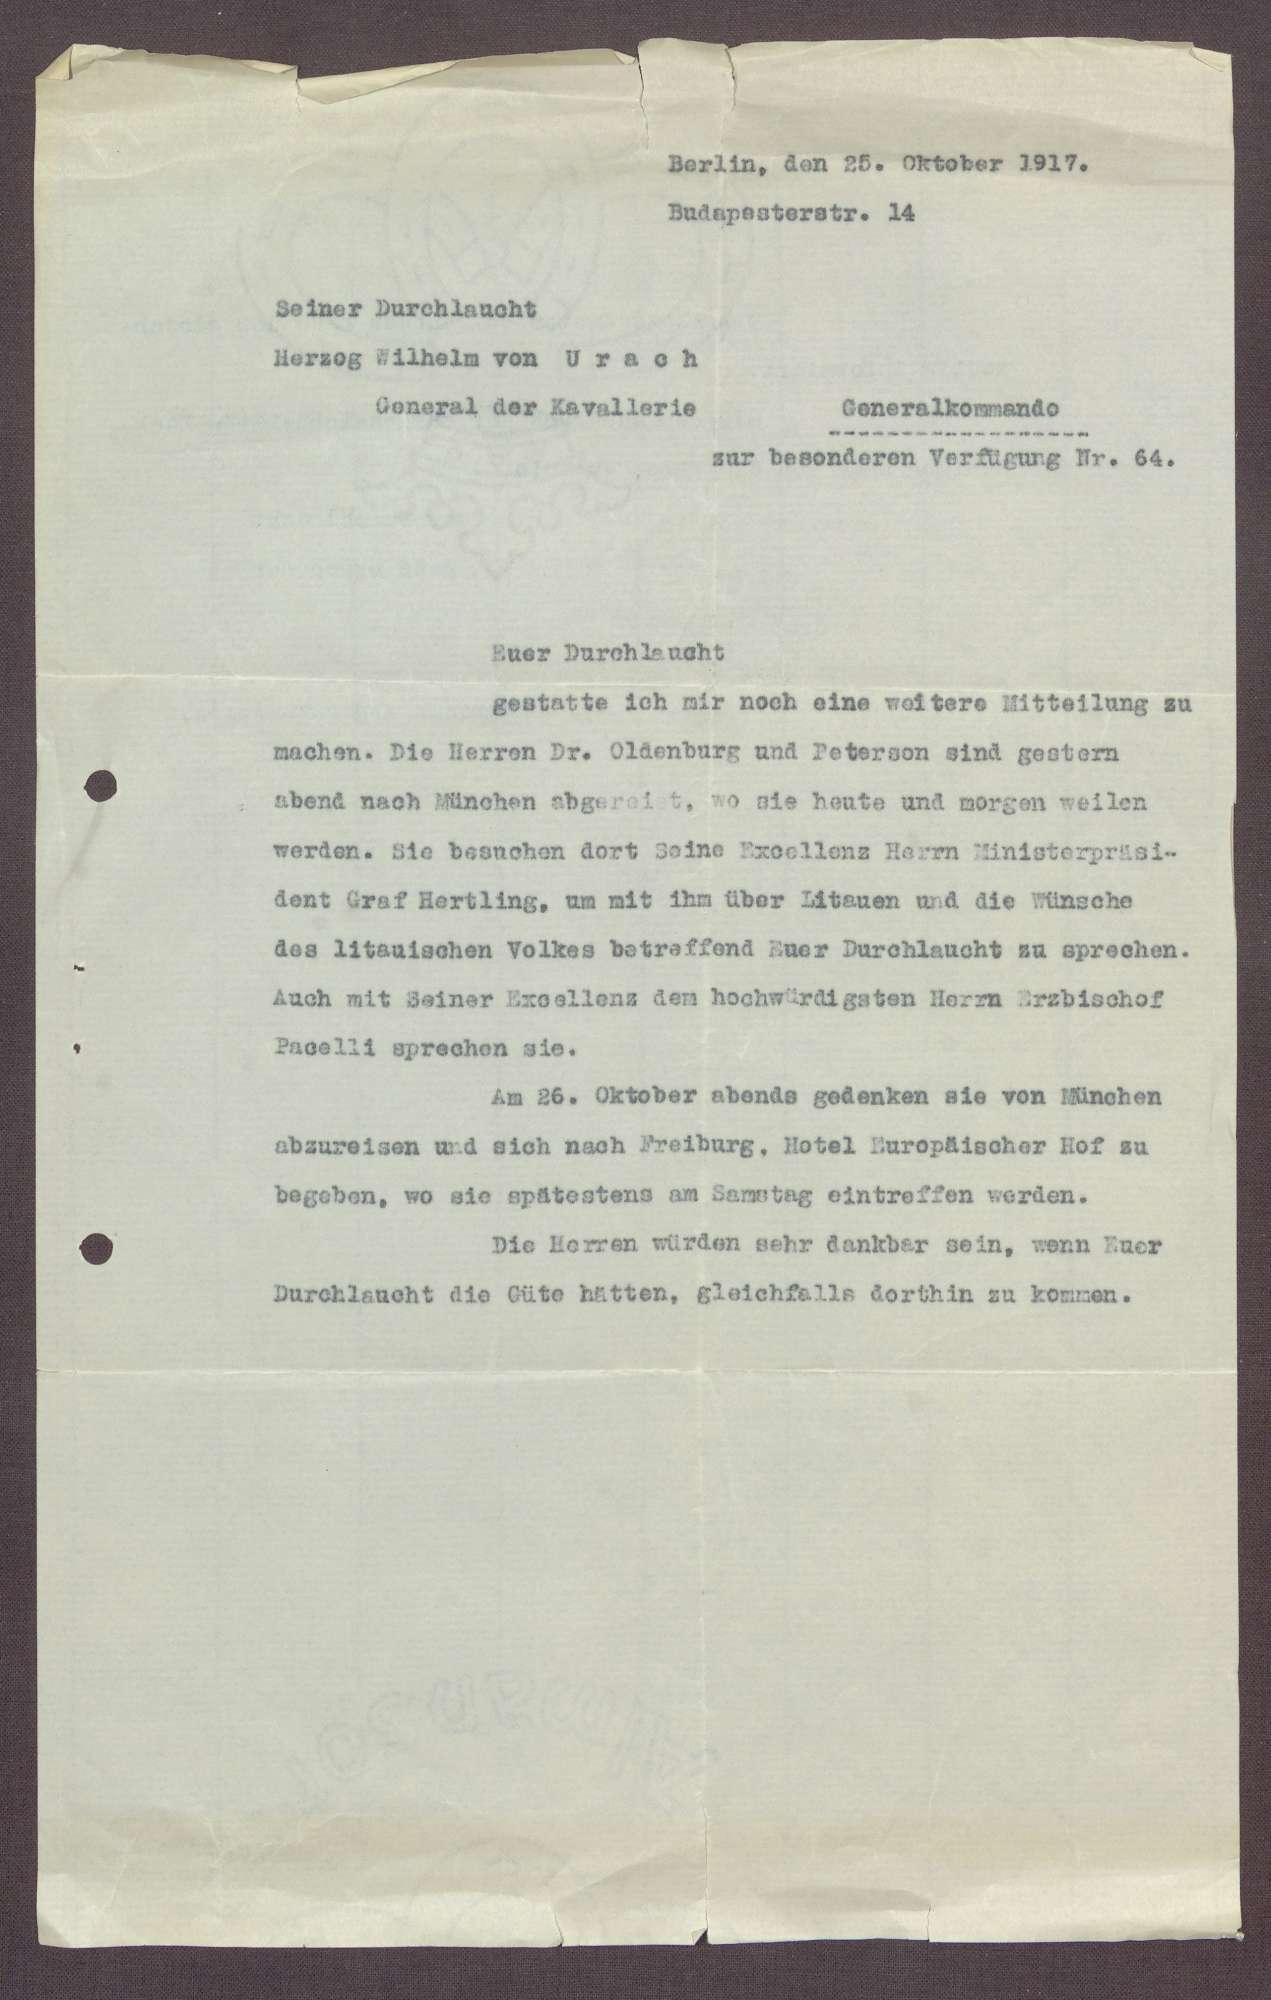 Schreiben von Matthias Erzberger an Constantin Fehrenbach, Abschrift eines Briefes an Herzog Wilhelm Karl von Urach, Bild 2